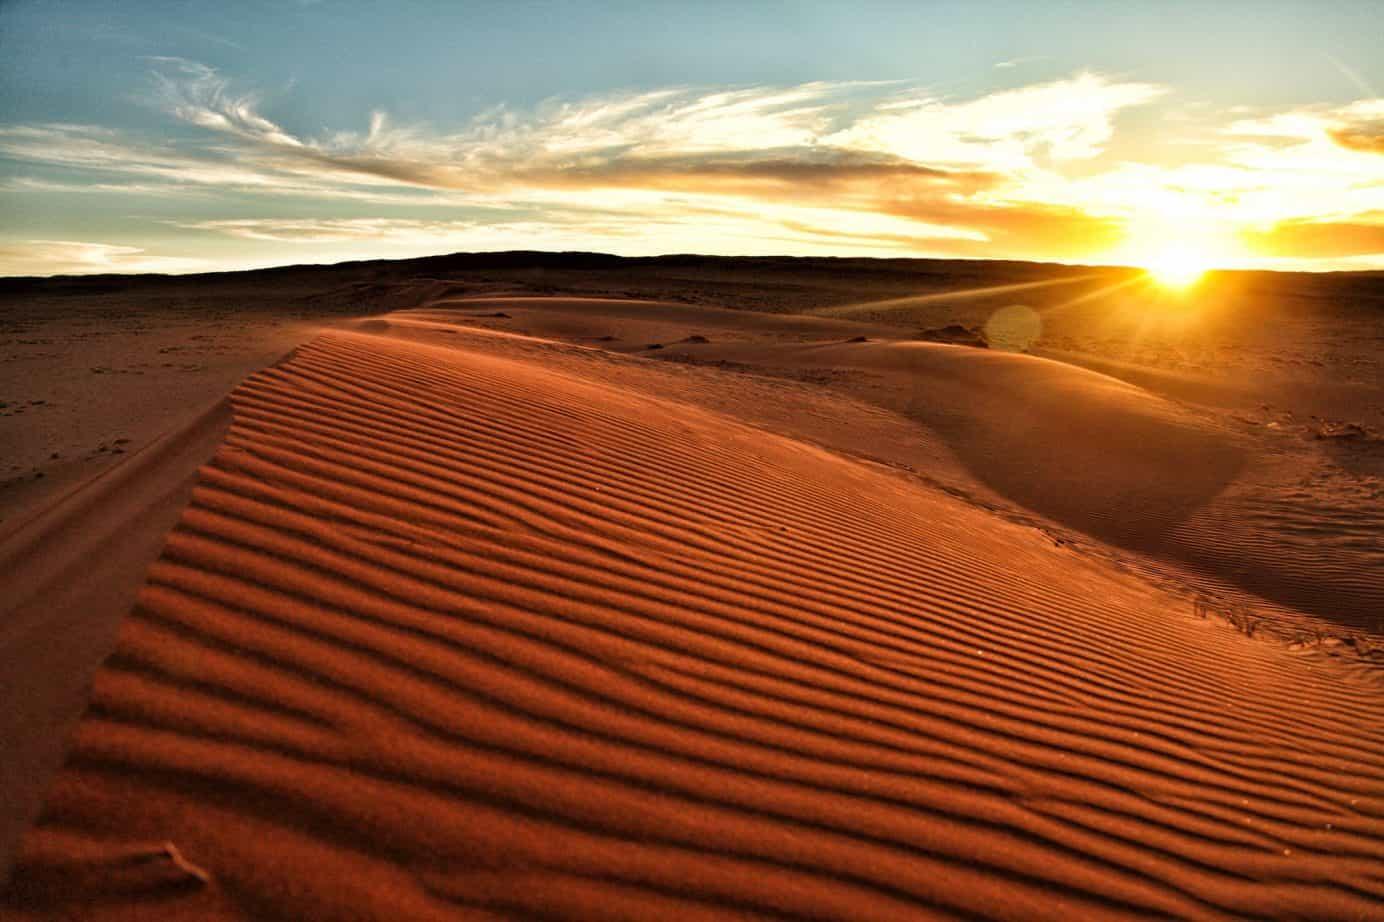 Sunsets over the desert